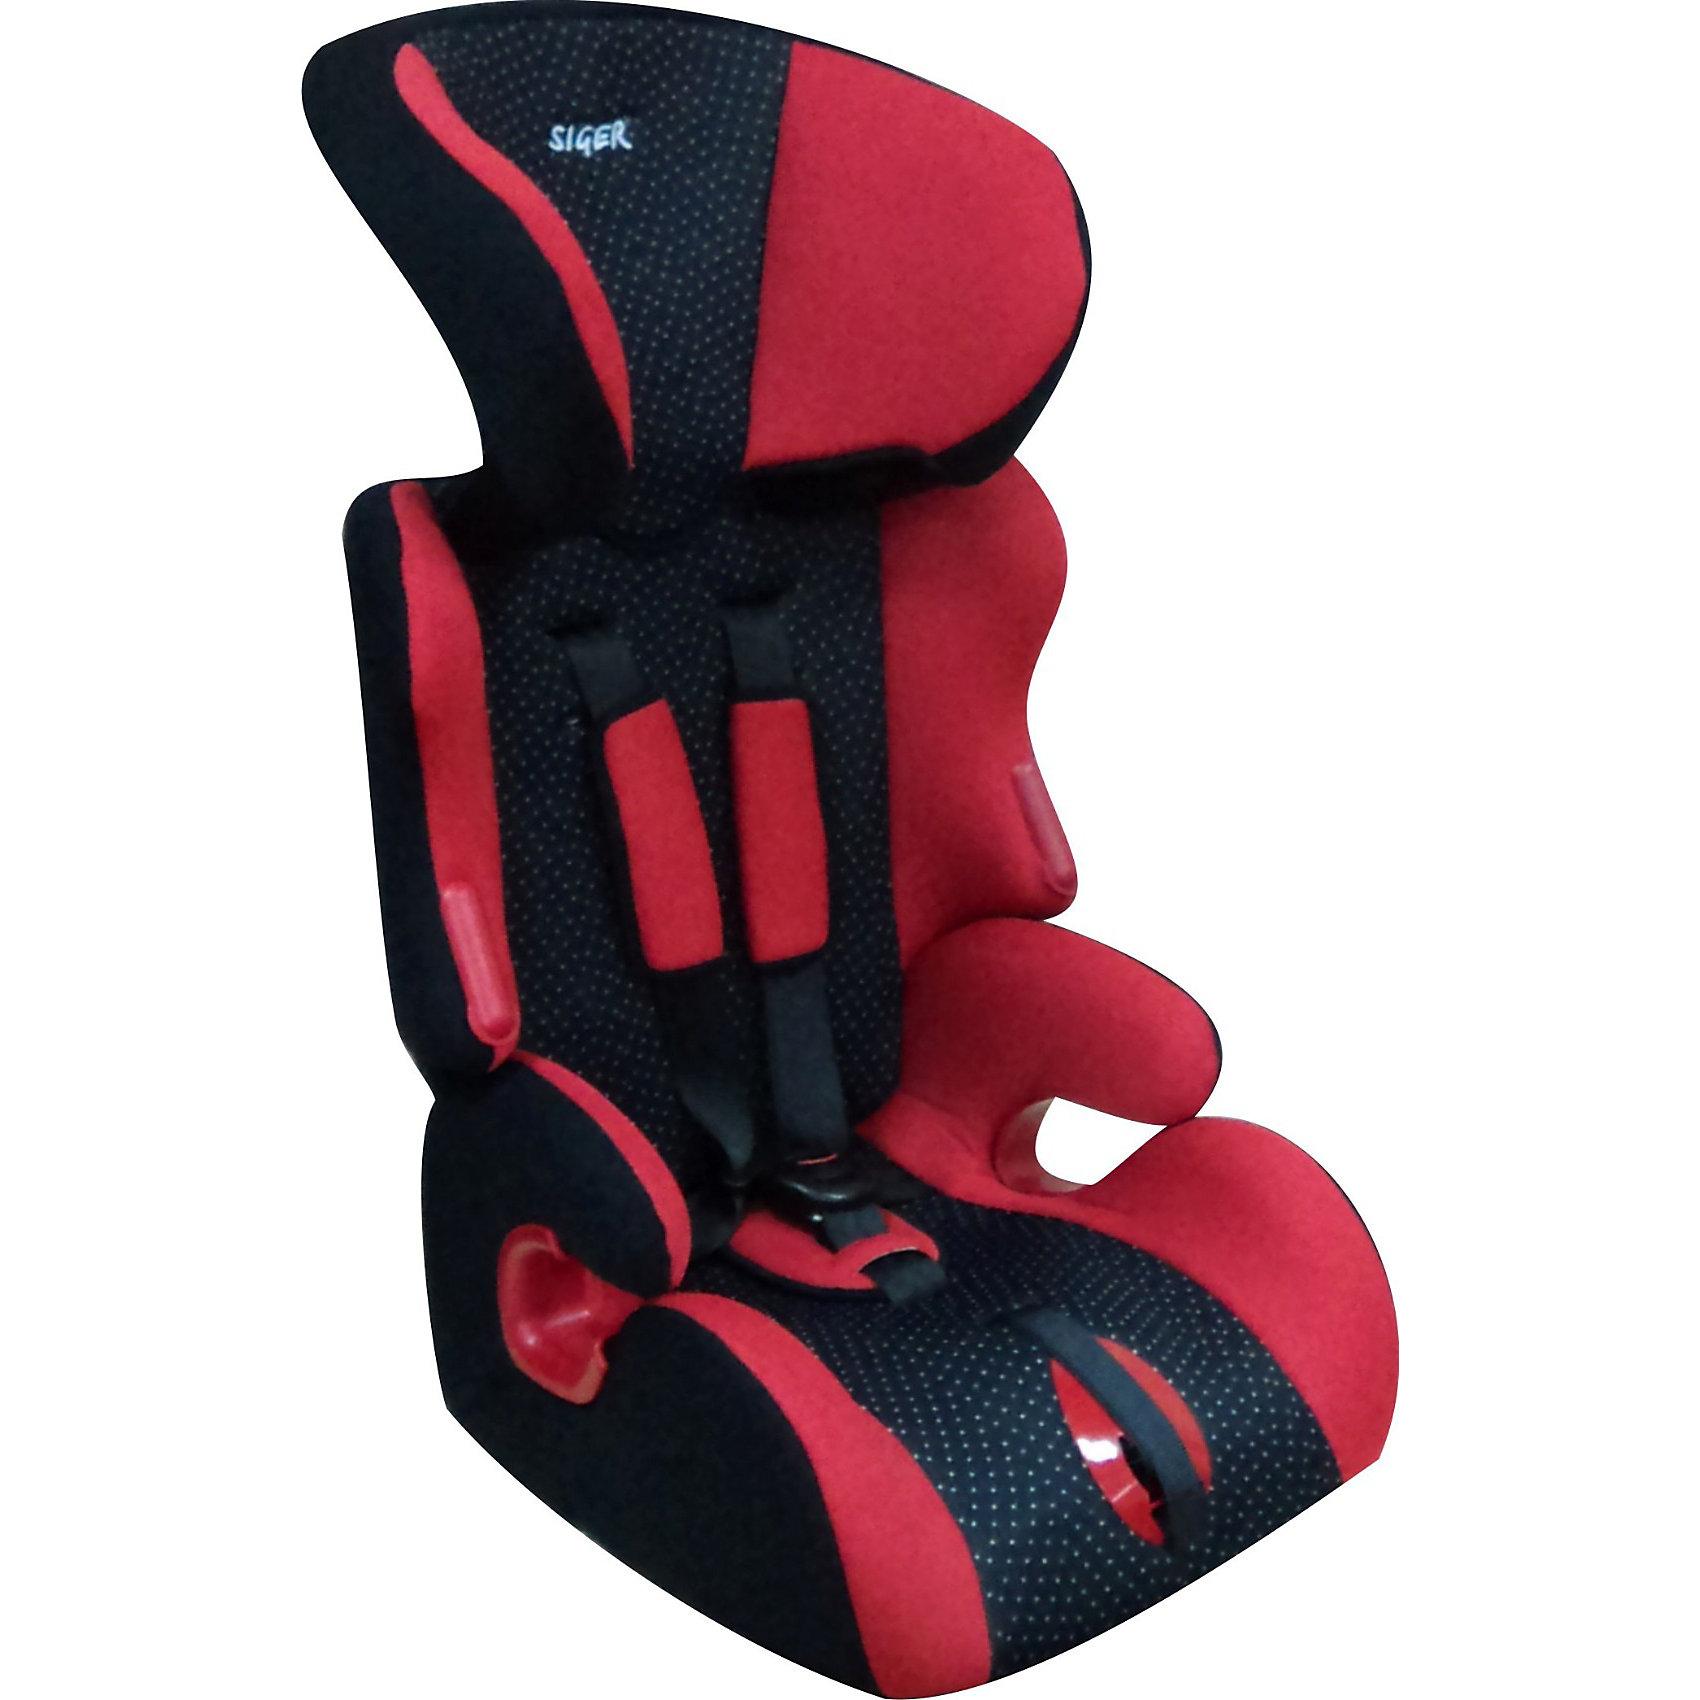 Автокресло Siger Космо, 9-36 кг, красныйГруппа 1-2-3 (От 9 до 36 кг)<br>Детское автомобильное  кресло  SIGER  Космо. <br>Подходит для детей весом от 9 до 36 килограмм. Возрастная категория от 1 года до 12 лет.<br>Описание:<br>- регулировка спинки  в 3-х положениях;<br>- регулировка подголовника в 6-ти положениях; <br>- усиленная боковая защита; <br>- удобные крепления штатных ремней безопасности; <br>- регулировка ремней по глубине – в 2-х положениях;<br>- износостойкие пластиковые вставки подлокотников; <br>- выраженная боковая поддержка;<br>- ортопедическая форма сиденья;<br>- трансформируется в группу 2 (15-25 кг., от 3 до 7 лет) - без внутренних ремней и группу 3 (22-36 кг., от 6 до 10 лет) - без спинки.<br>Дополнительная информация:<br>- ширина посадочного места – 27-31 см;<br>- глубина посадочного места – 33 см;<br>- высота посадочного места – 10 см;<br>- нижнее положение ремней безопасности – 27см;<br>- среднее положение ремней безопасности – 32см;<br>- верхнее положение ремней безопасности – 37см;<br>- вес – 4,7 кг.<br>- цвет -  красный.<br>Детское автомобильное кресло SIGER Космо можно купить в нашем интернет-магазине.<br><br>Ширина мм: 440<br>Глубина мм: 420<br>Высота мм: 800<br>Вес г: 4700<br>Возраст от месяцев: 12<br>Возраст до месяцев: 144<br>Пол: Унисекс<br>Возраст: Детский<br>SKU: 3340362